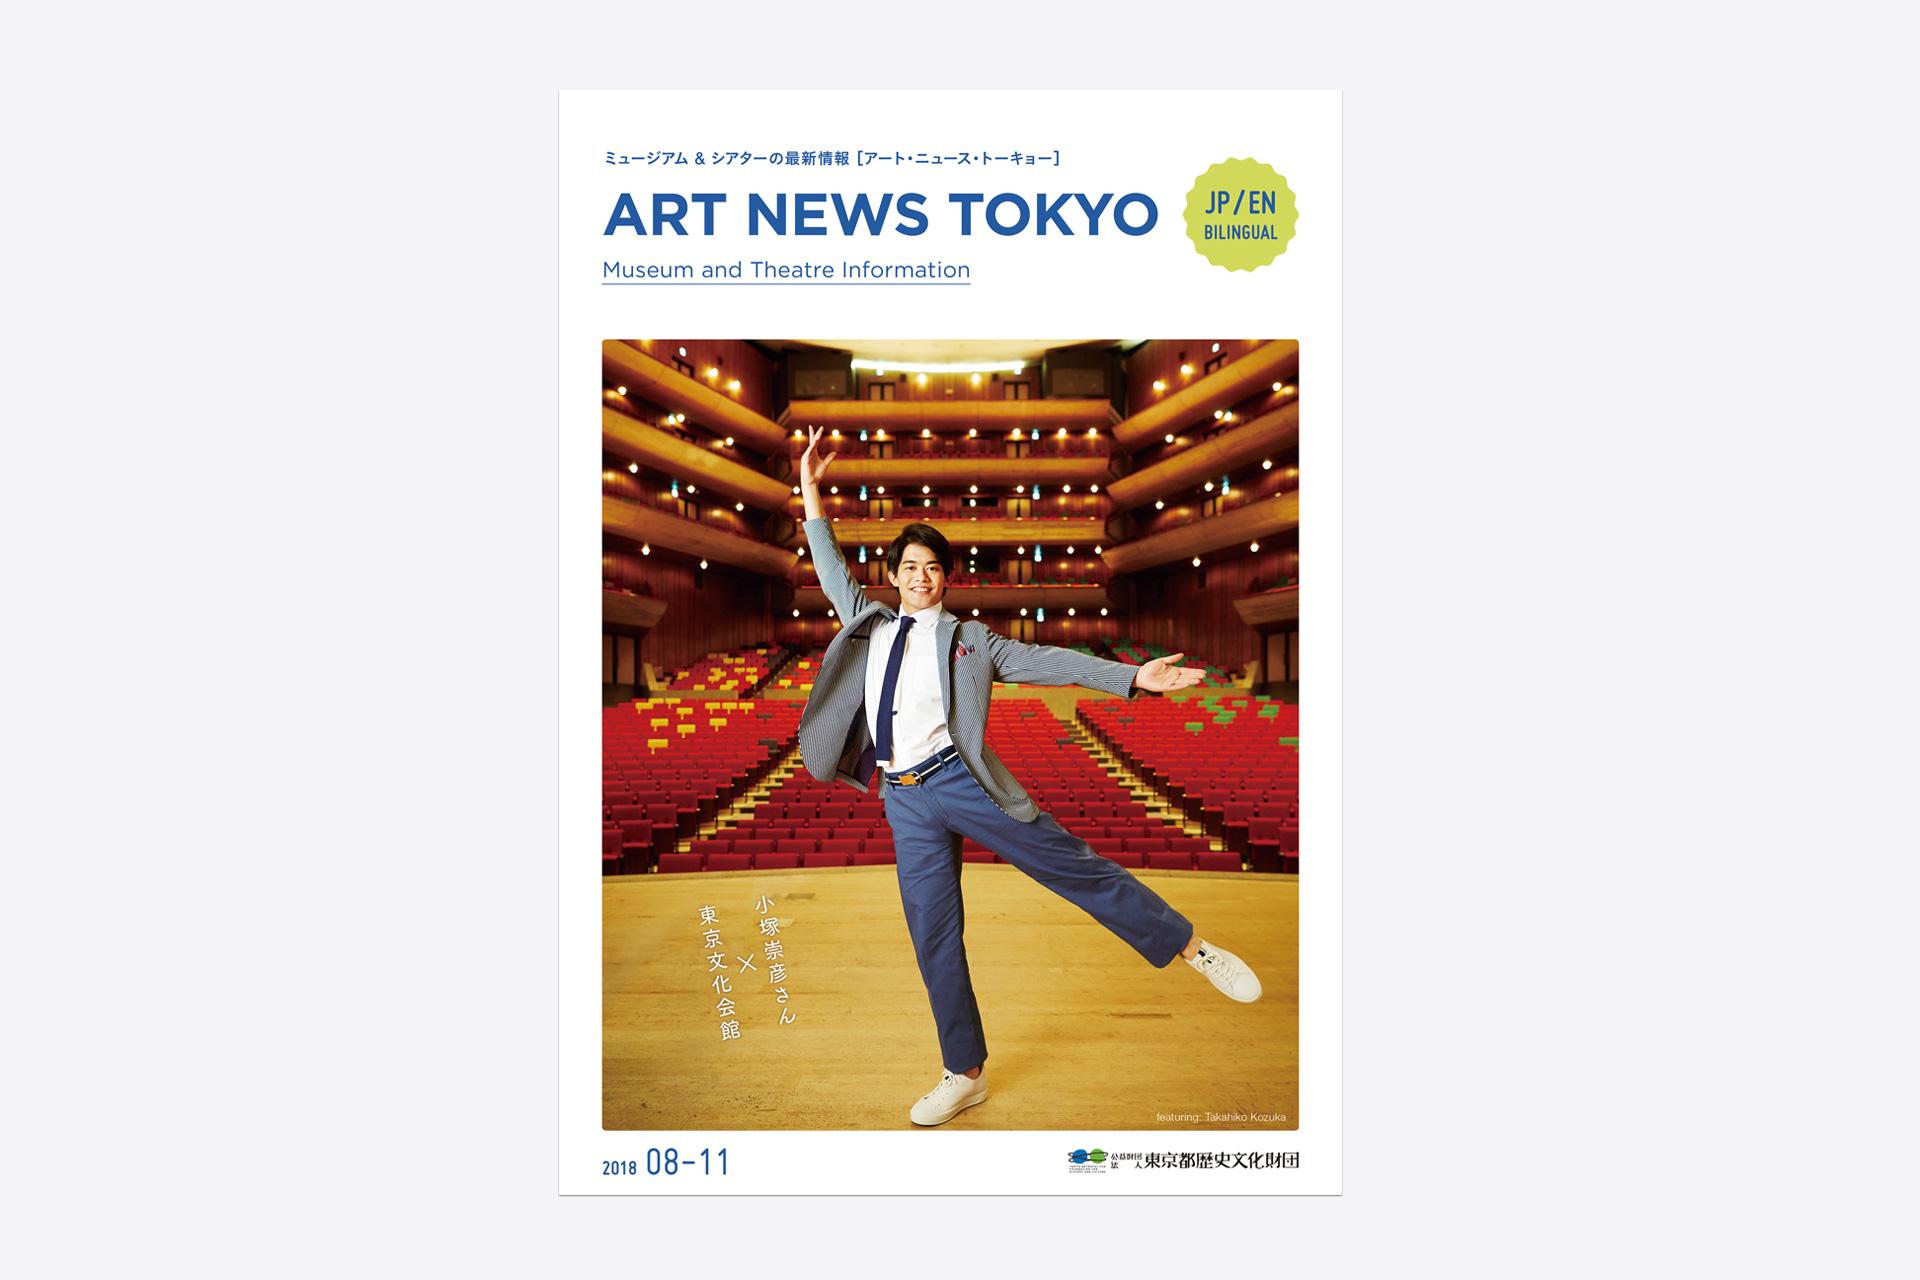 ART NEWS TOKYO 2018 08-11